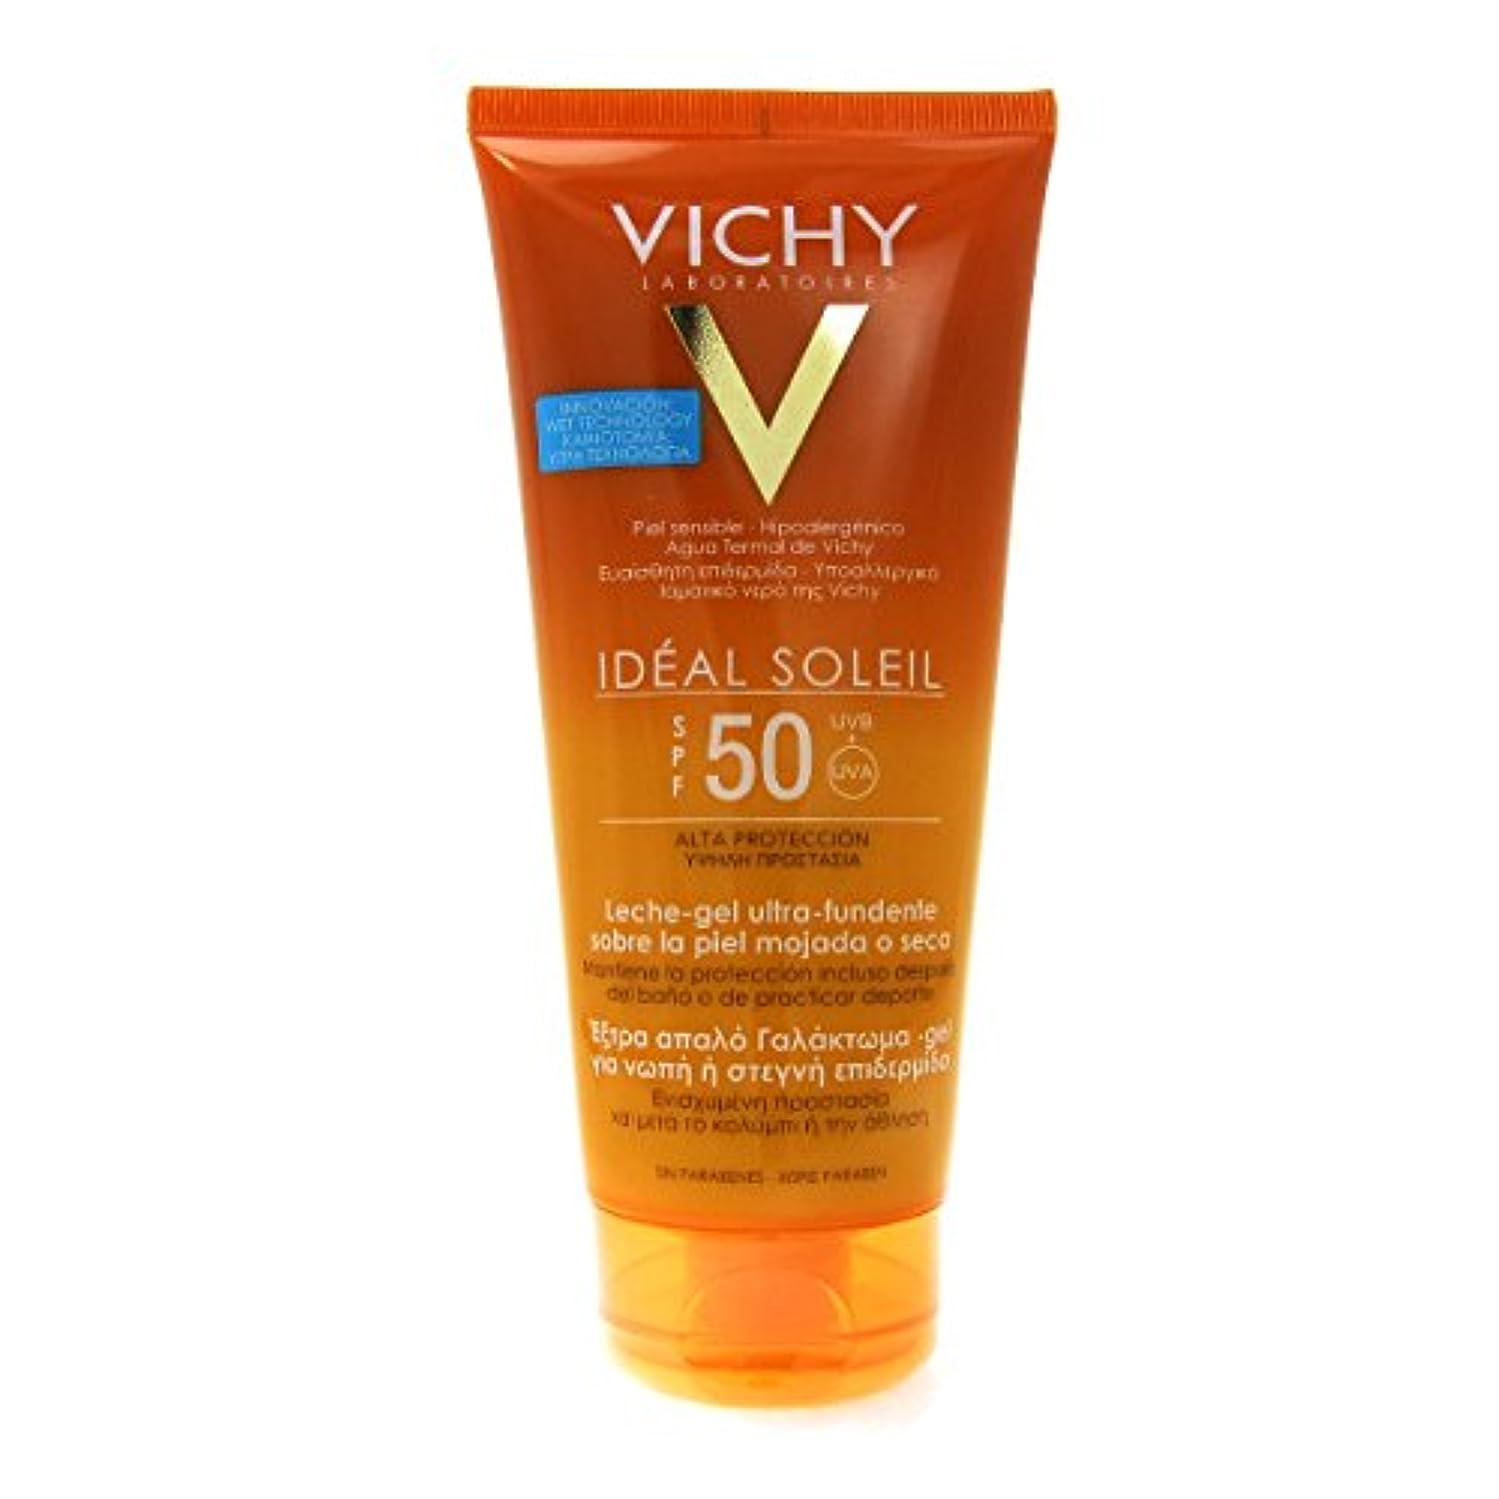 ダウンタウン花火セールスマンVichy Capital Soleil Ideal Soleil Gel-cream Spf50 Face And Body 200ml [並行輸入品]